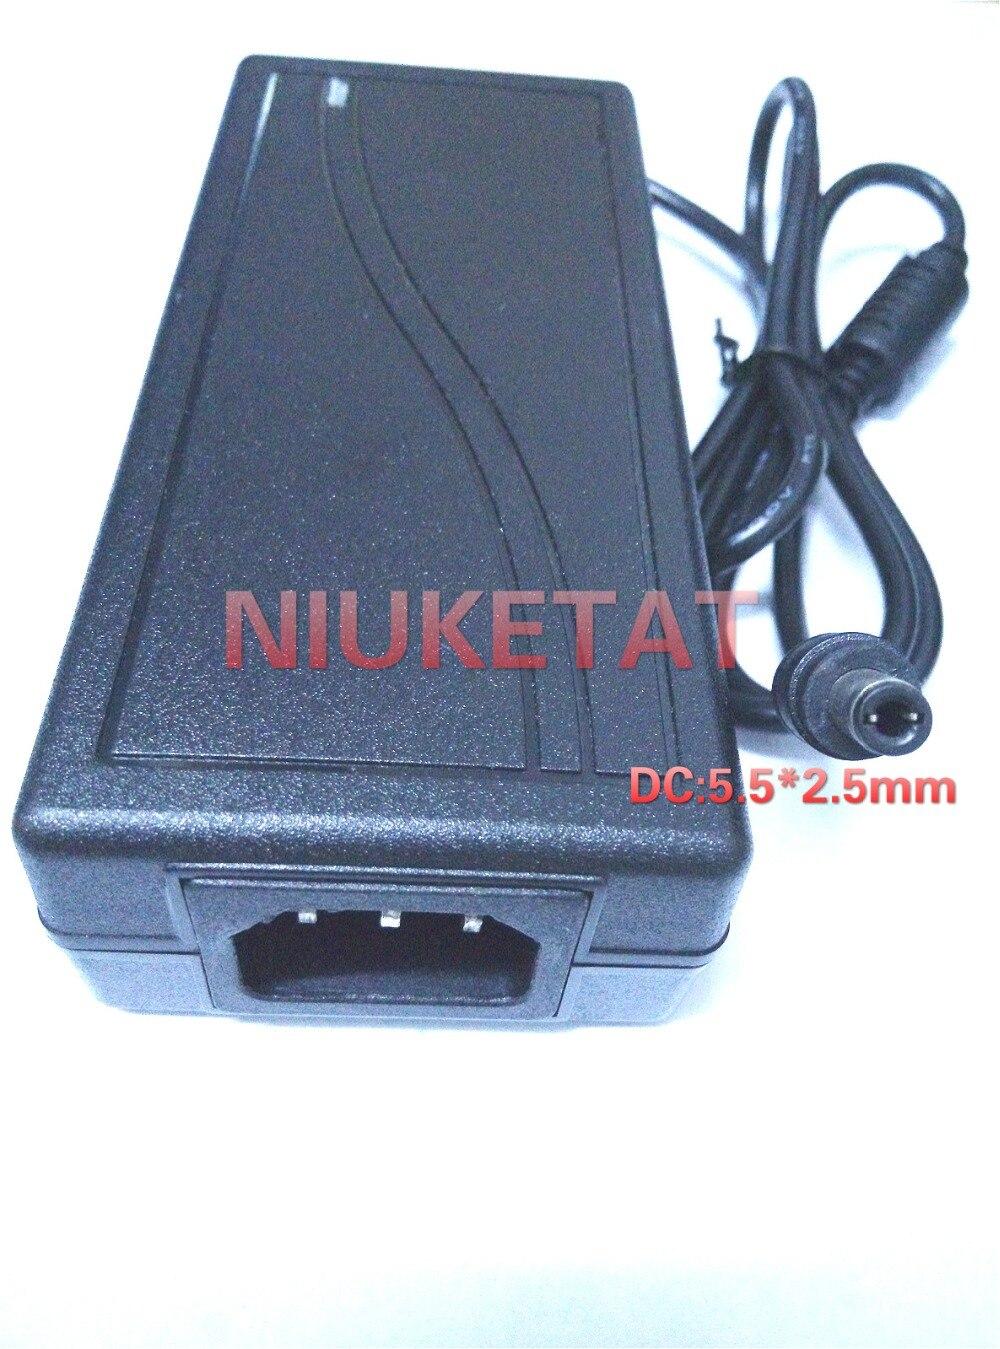 DC 12 № 4a 100-240 в переменного тока в 12v4a светодиодные адаптер питания индикатор питания адаптер питания привод для rgb светодиодные ленты 5050 3528 2835 Фактурной линии